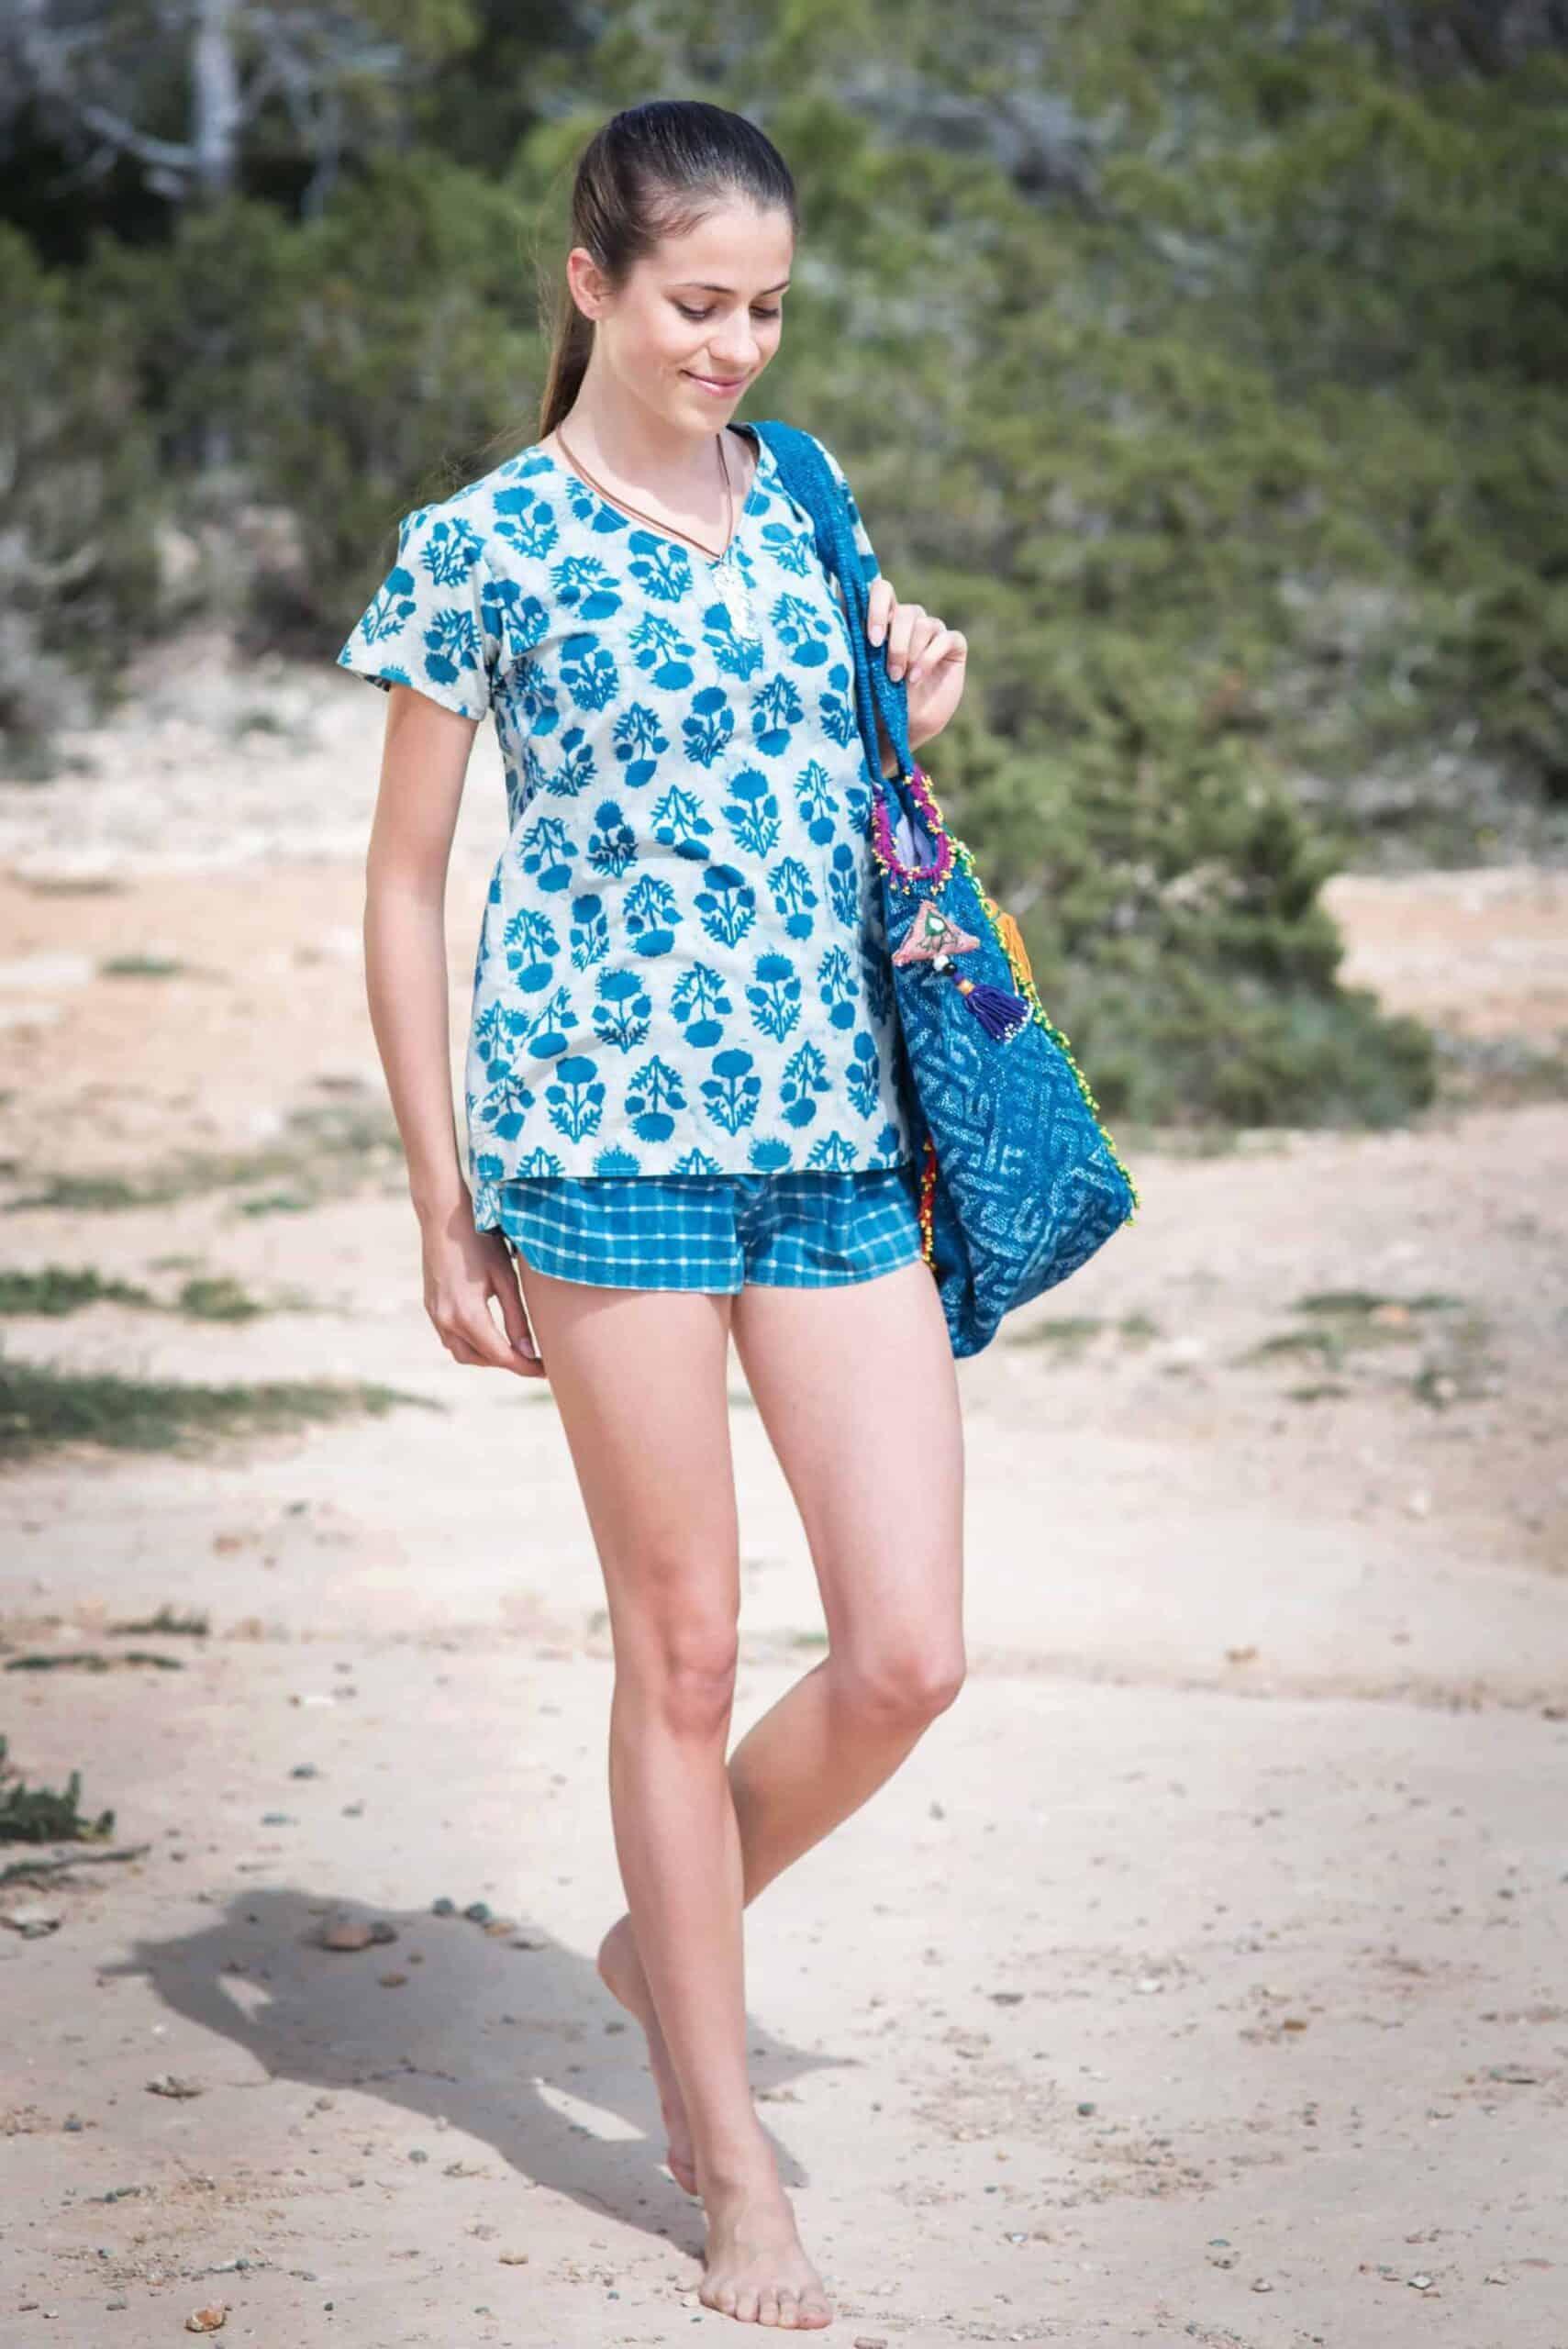 Sunny Day cute t-shirt & shorts